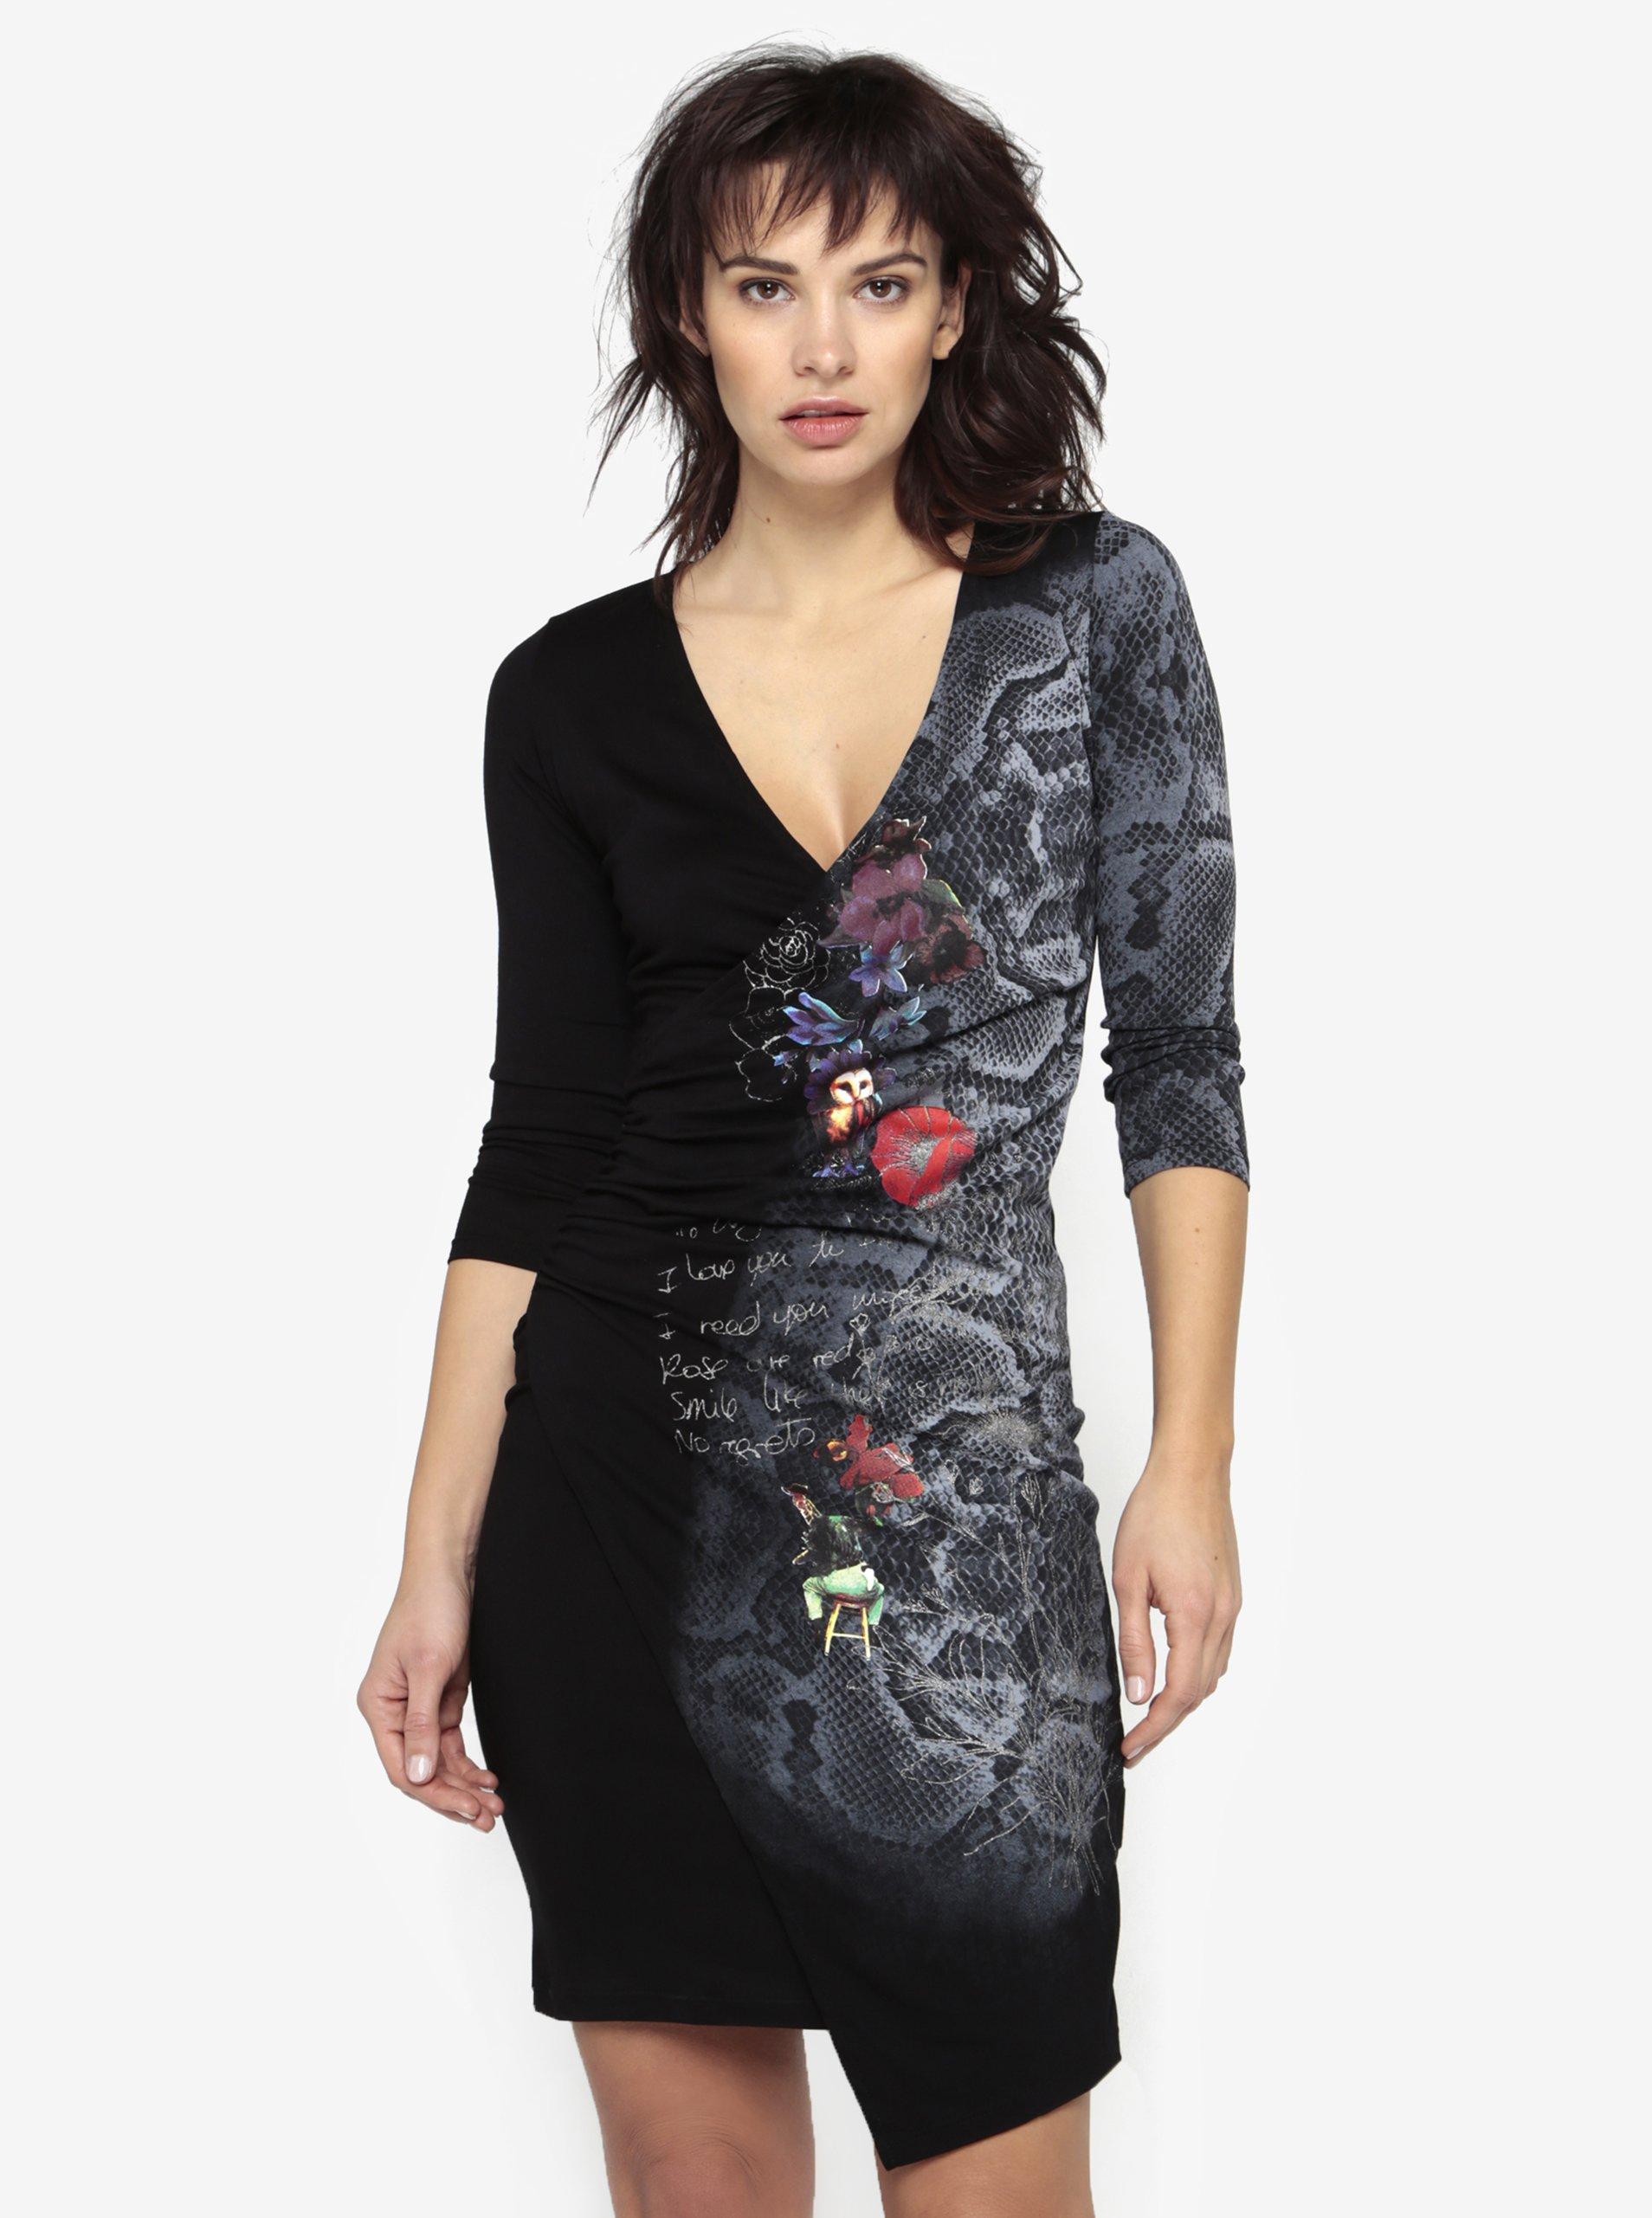 Černé překládané šaty s potiskem Desigual Next to me 7c9f09c7726